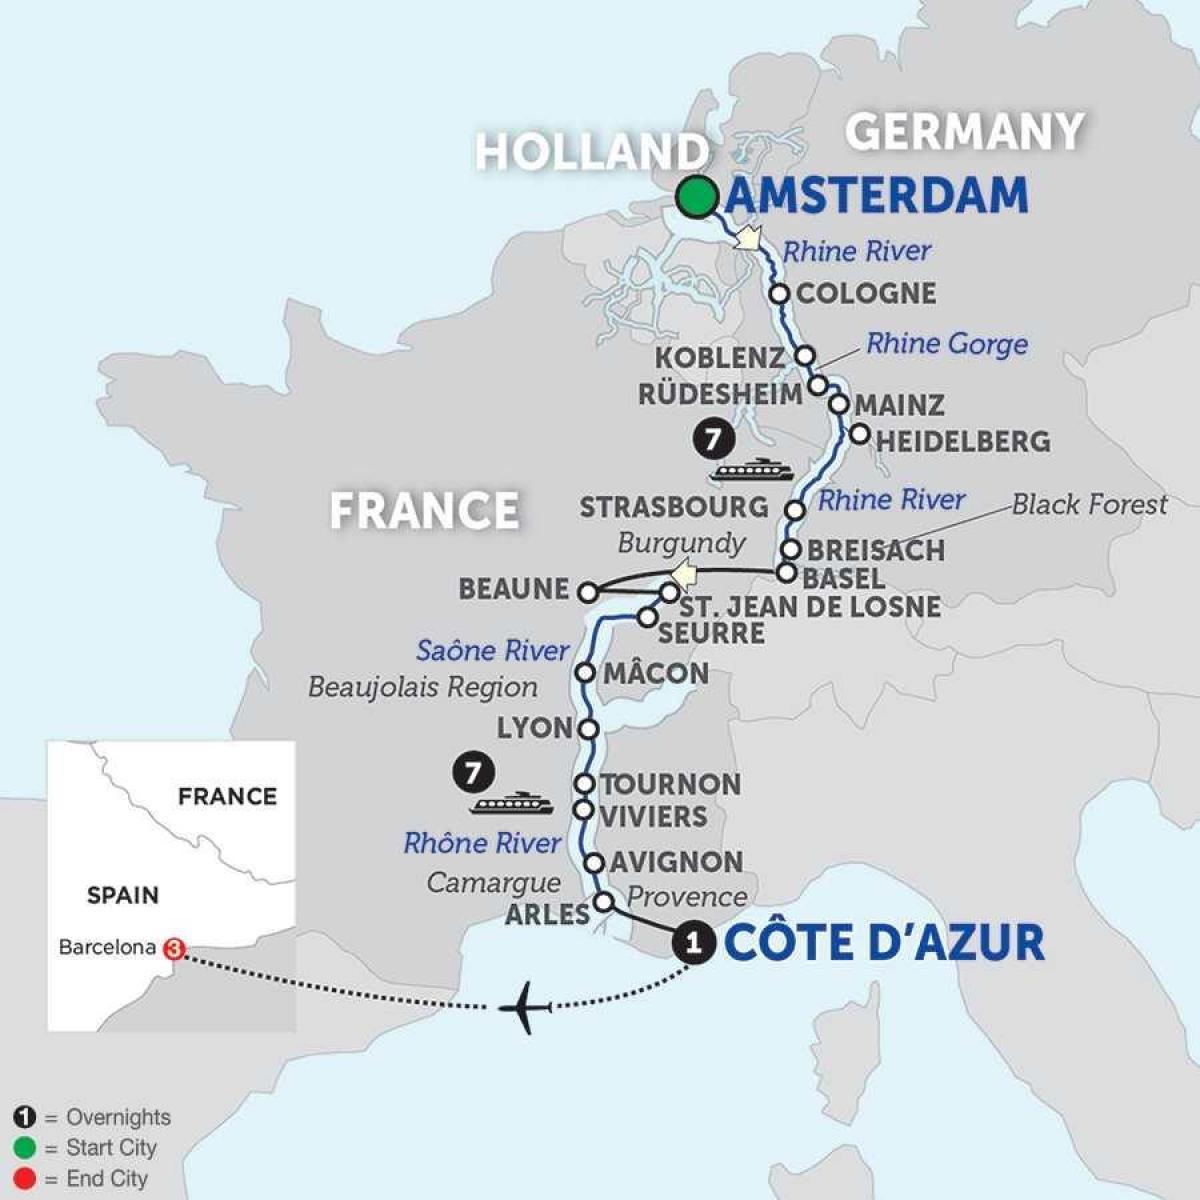 Karte Anzeigen.Amsterdam Rhine Canal Map Karte Von Amsterdam Rhein Kanal